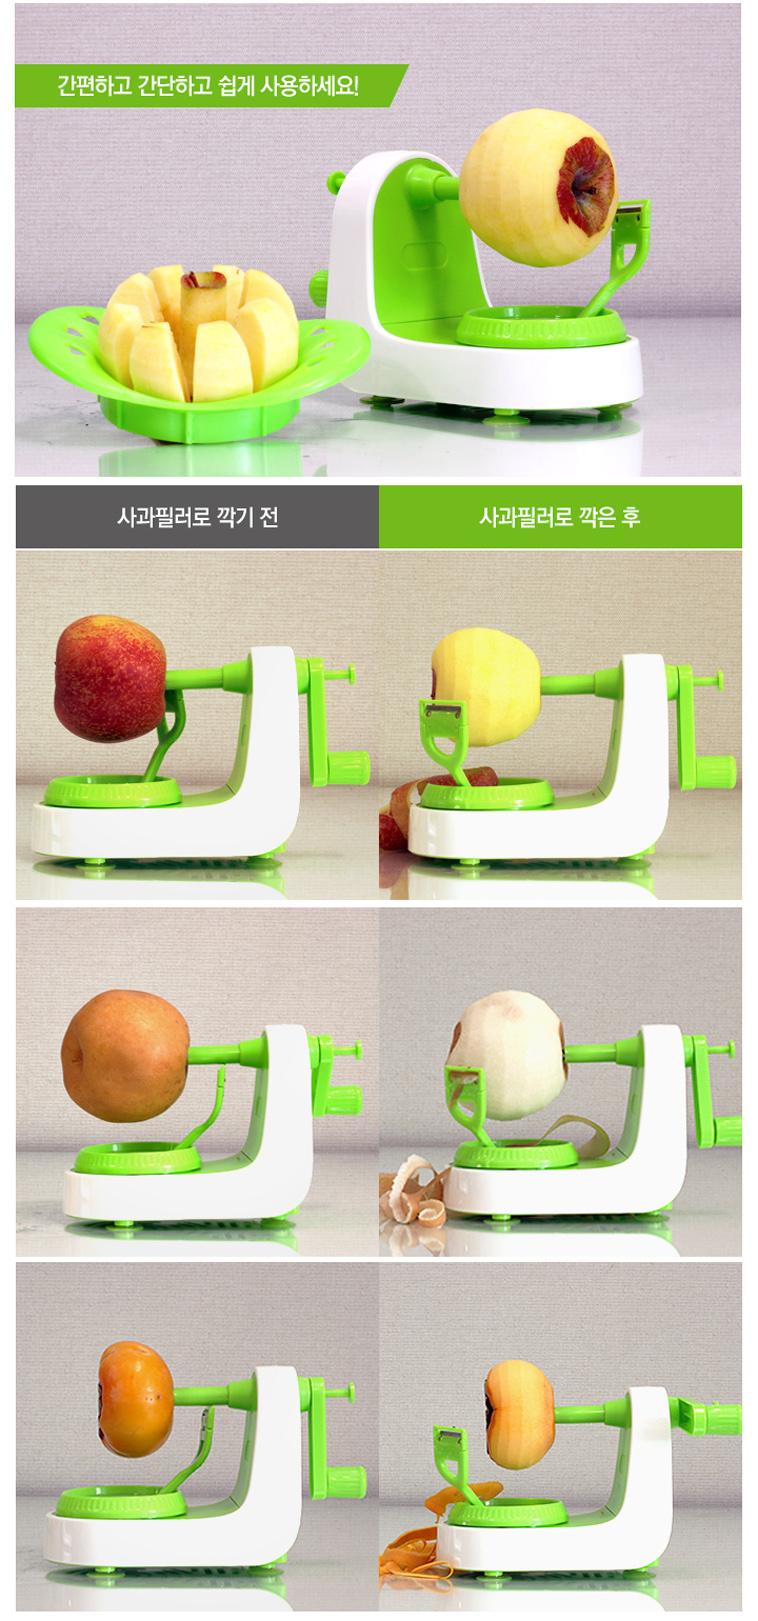 [사과깎기] 과일필러+커터기+칼날 - 상세정보